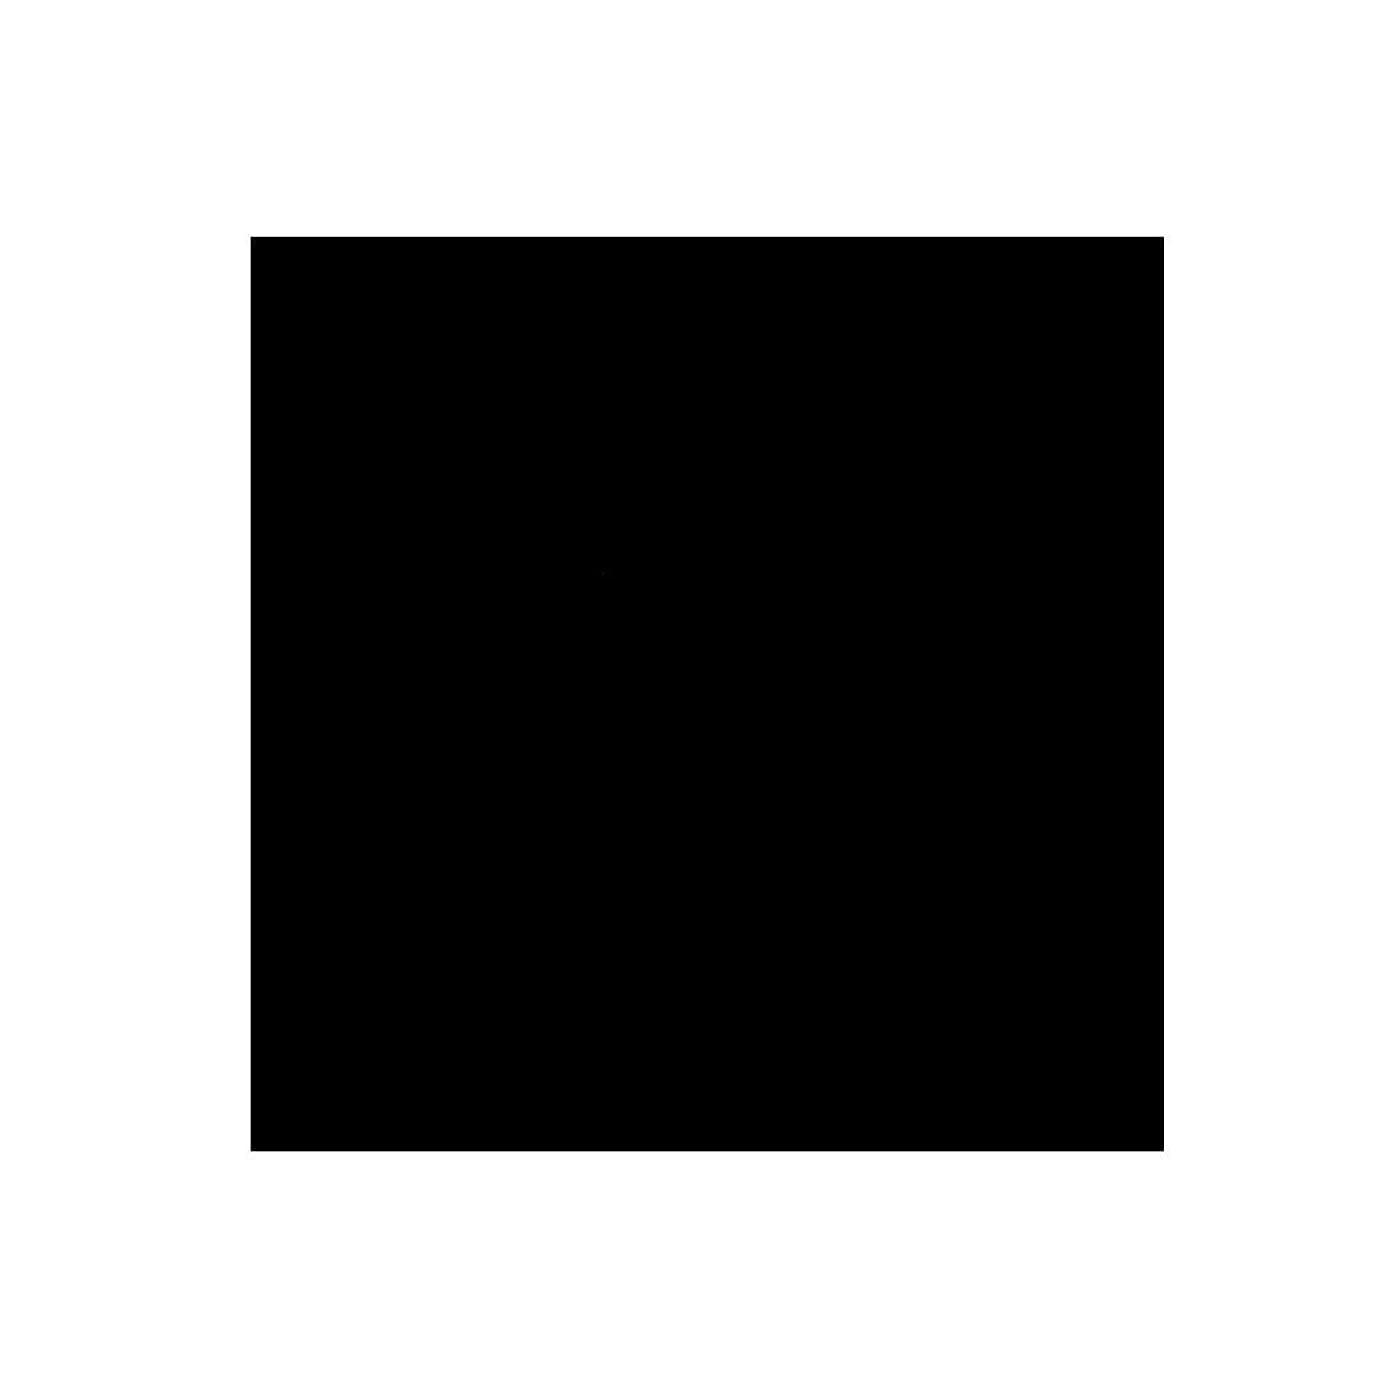 看板懐疑論麻酔薬杉田エース 天然ゴムシート板 NR-14 100mm×100mm×厚3mm 1枚